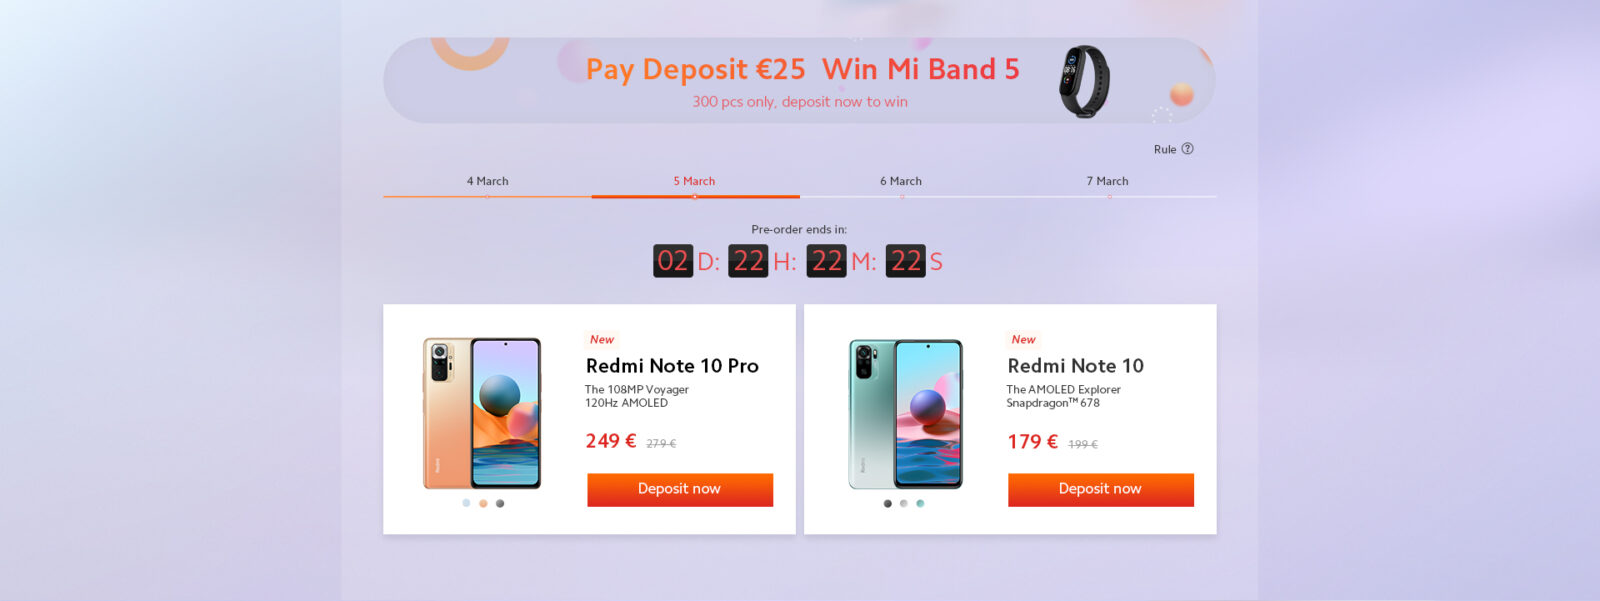 Redmi Note 10 e Note 10 Pro in vendita su Goboo a partire da 199 euro